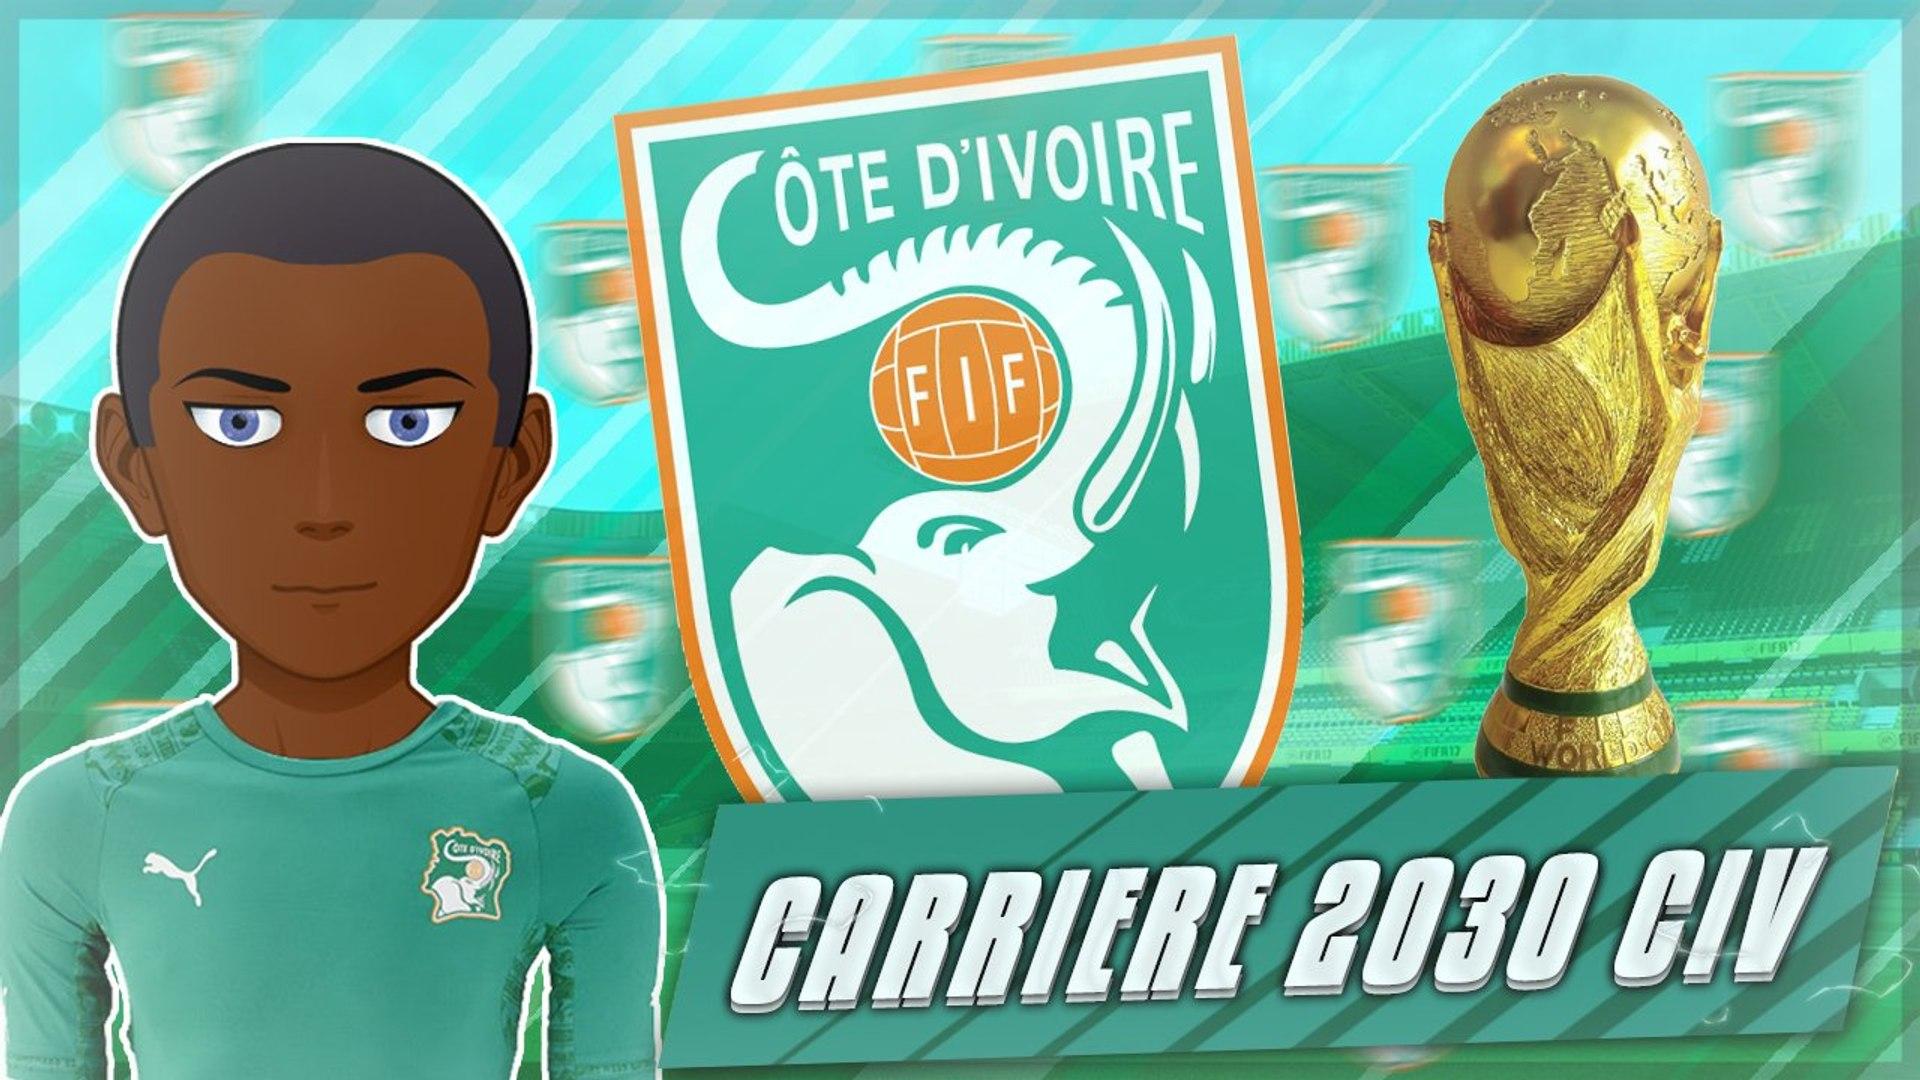 BANDES ANNONCE FRANCE - CIV FINAL DE LA COUPE DU MONDE 2030 FR HD